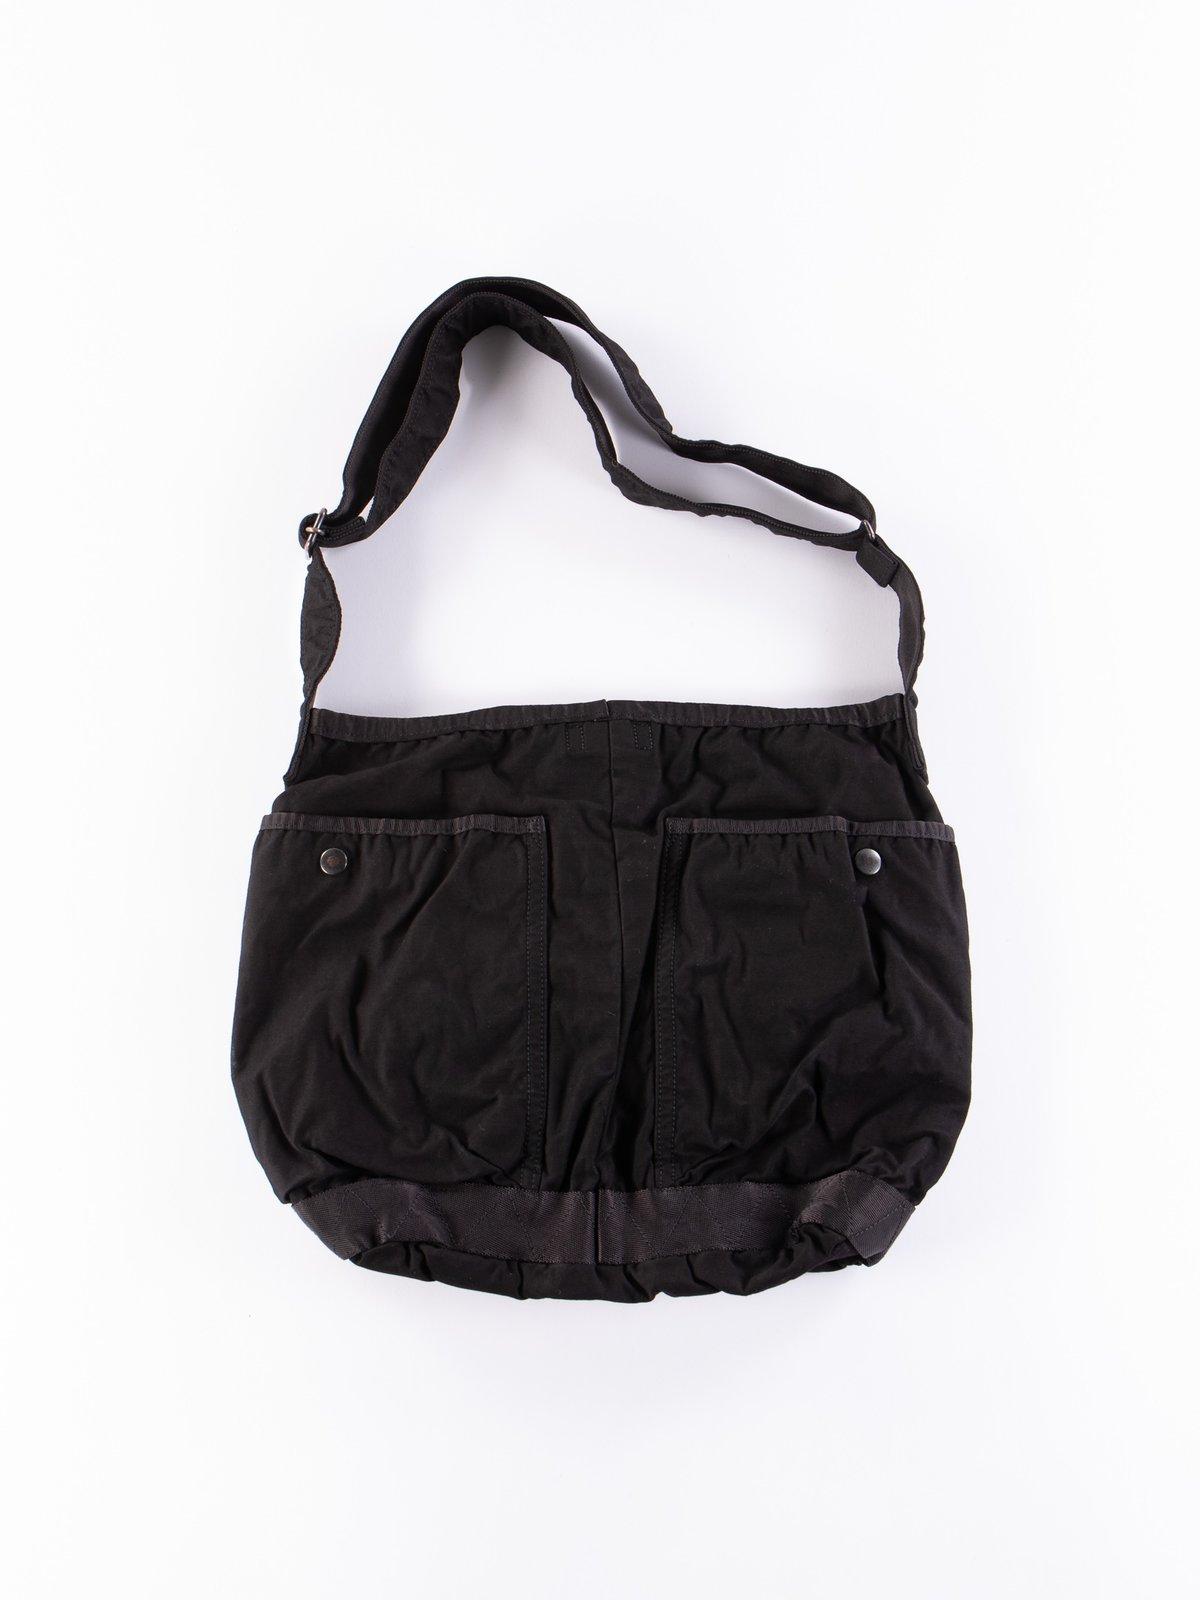 Black Crag Shoulder Bag Large - Image 2